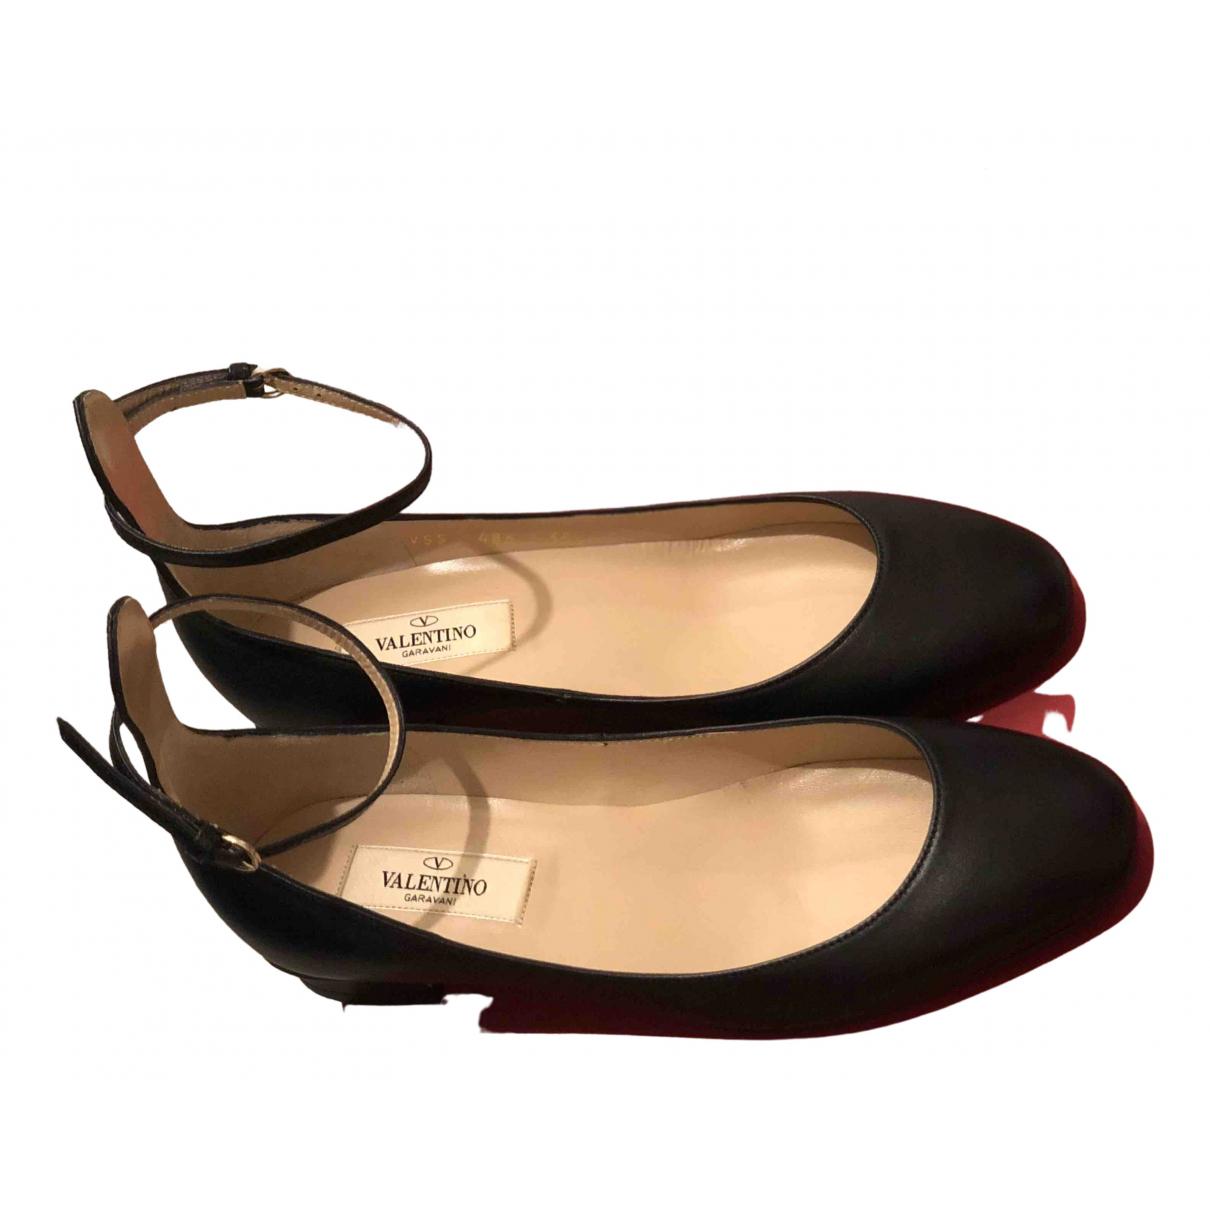 Valentino Garavani - Mocassins   pour femme en cuir - noir